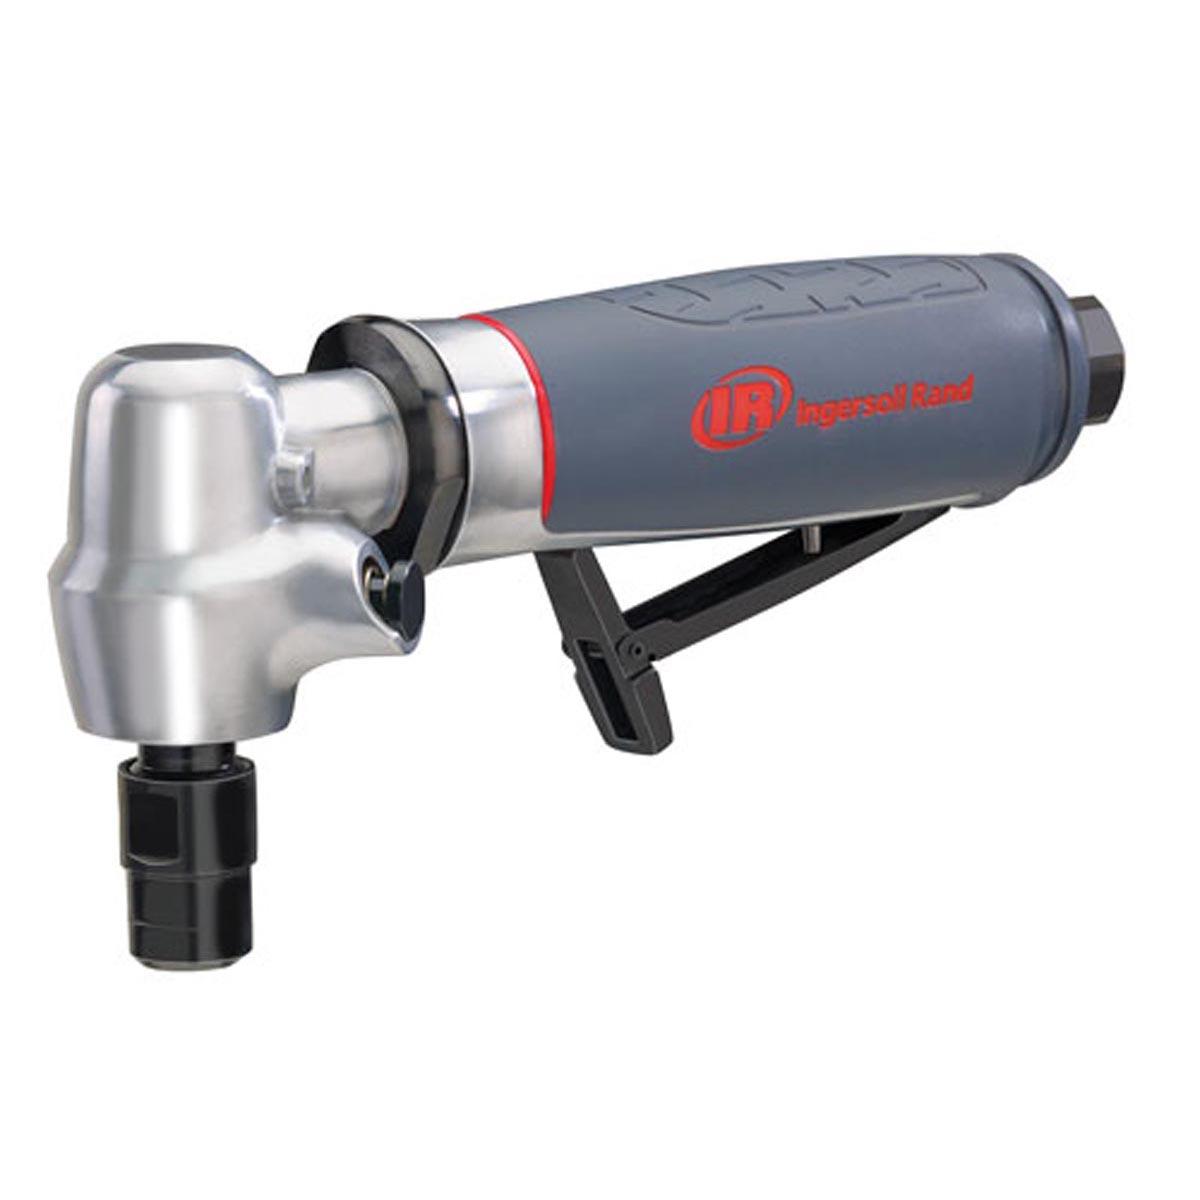 MAX Series Angle Die Grinder - 20 000 RPM  0.4-HP Motor